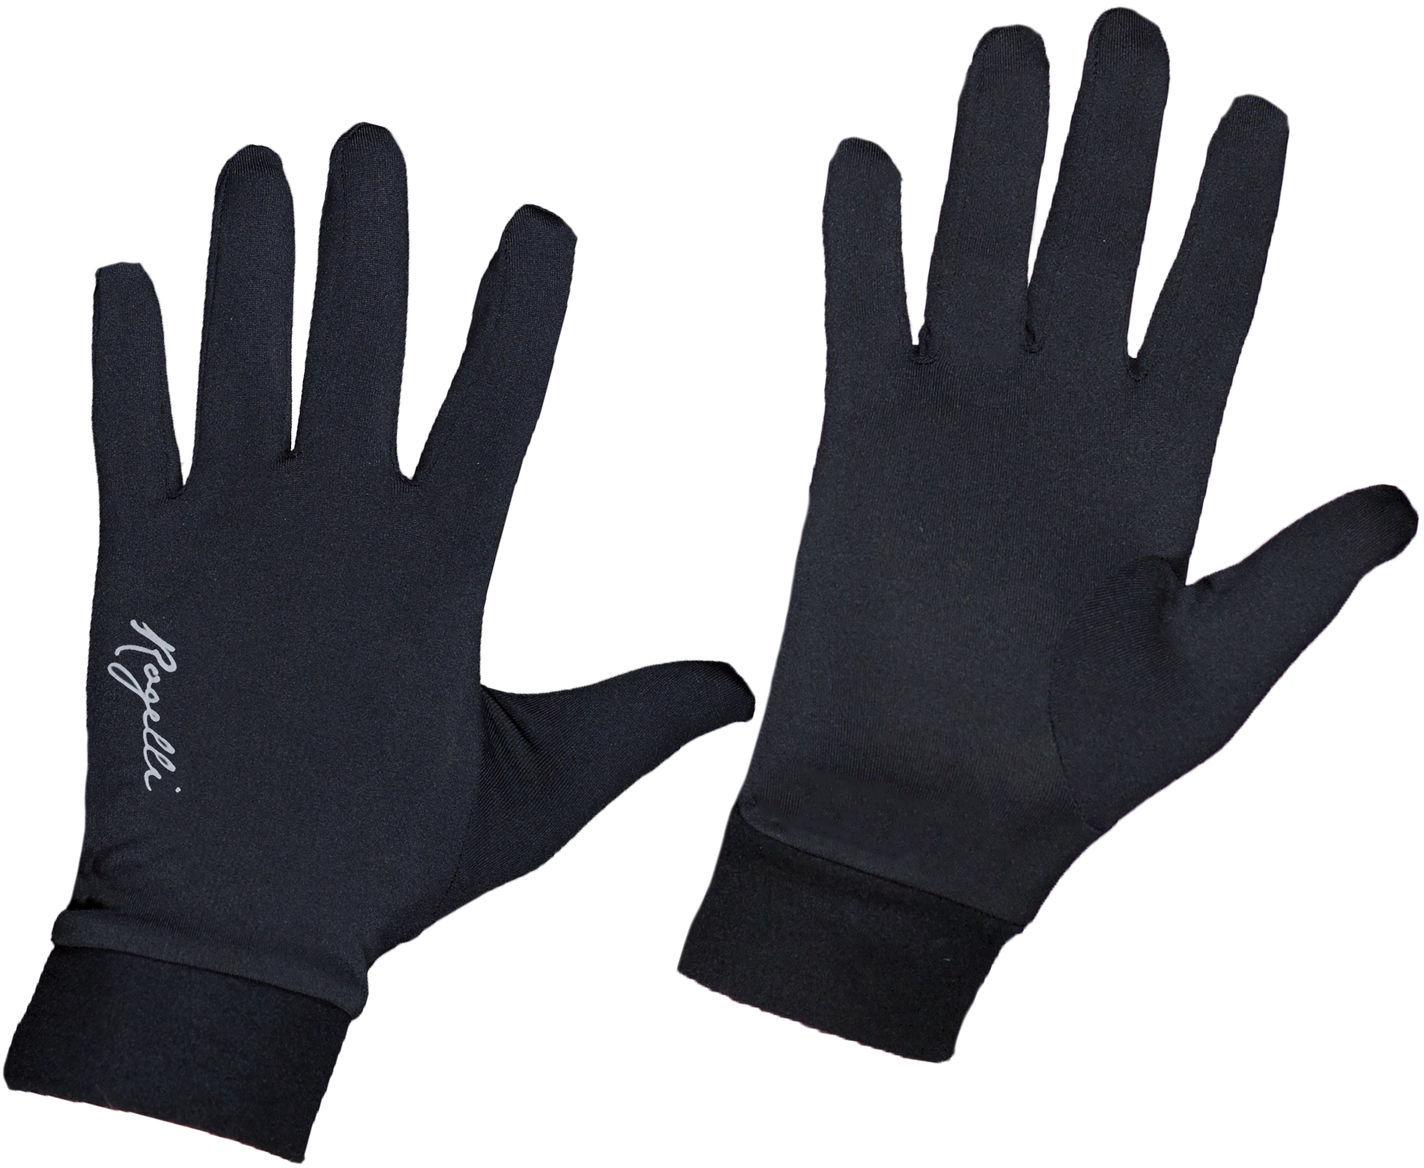 ROGELLI RUN OAKLAND 890.009 rękawiczki do biegania czarne Rozmiar: S,890-009